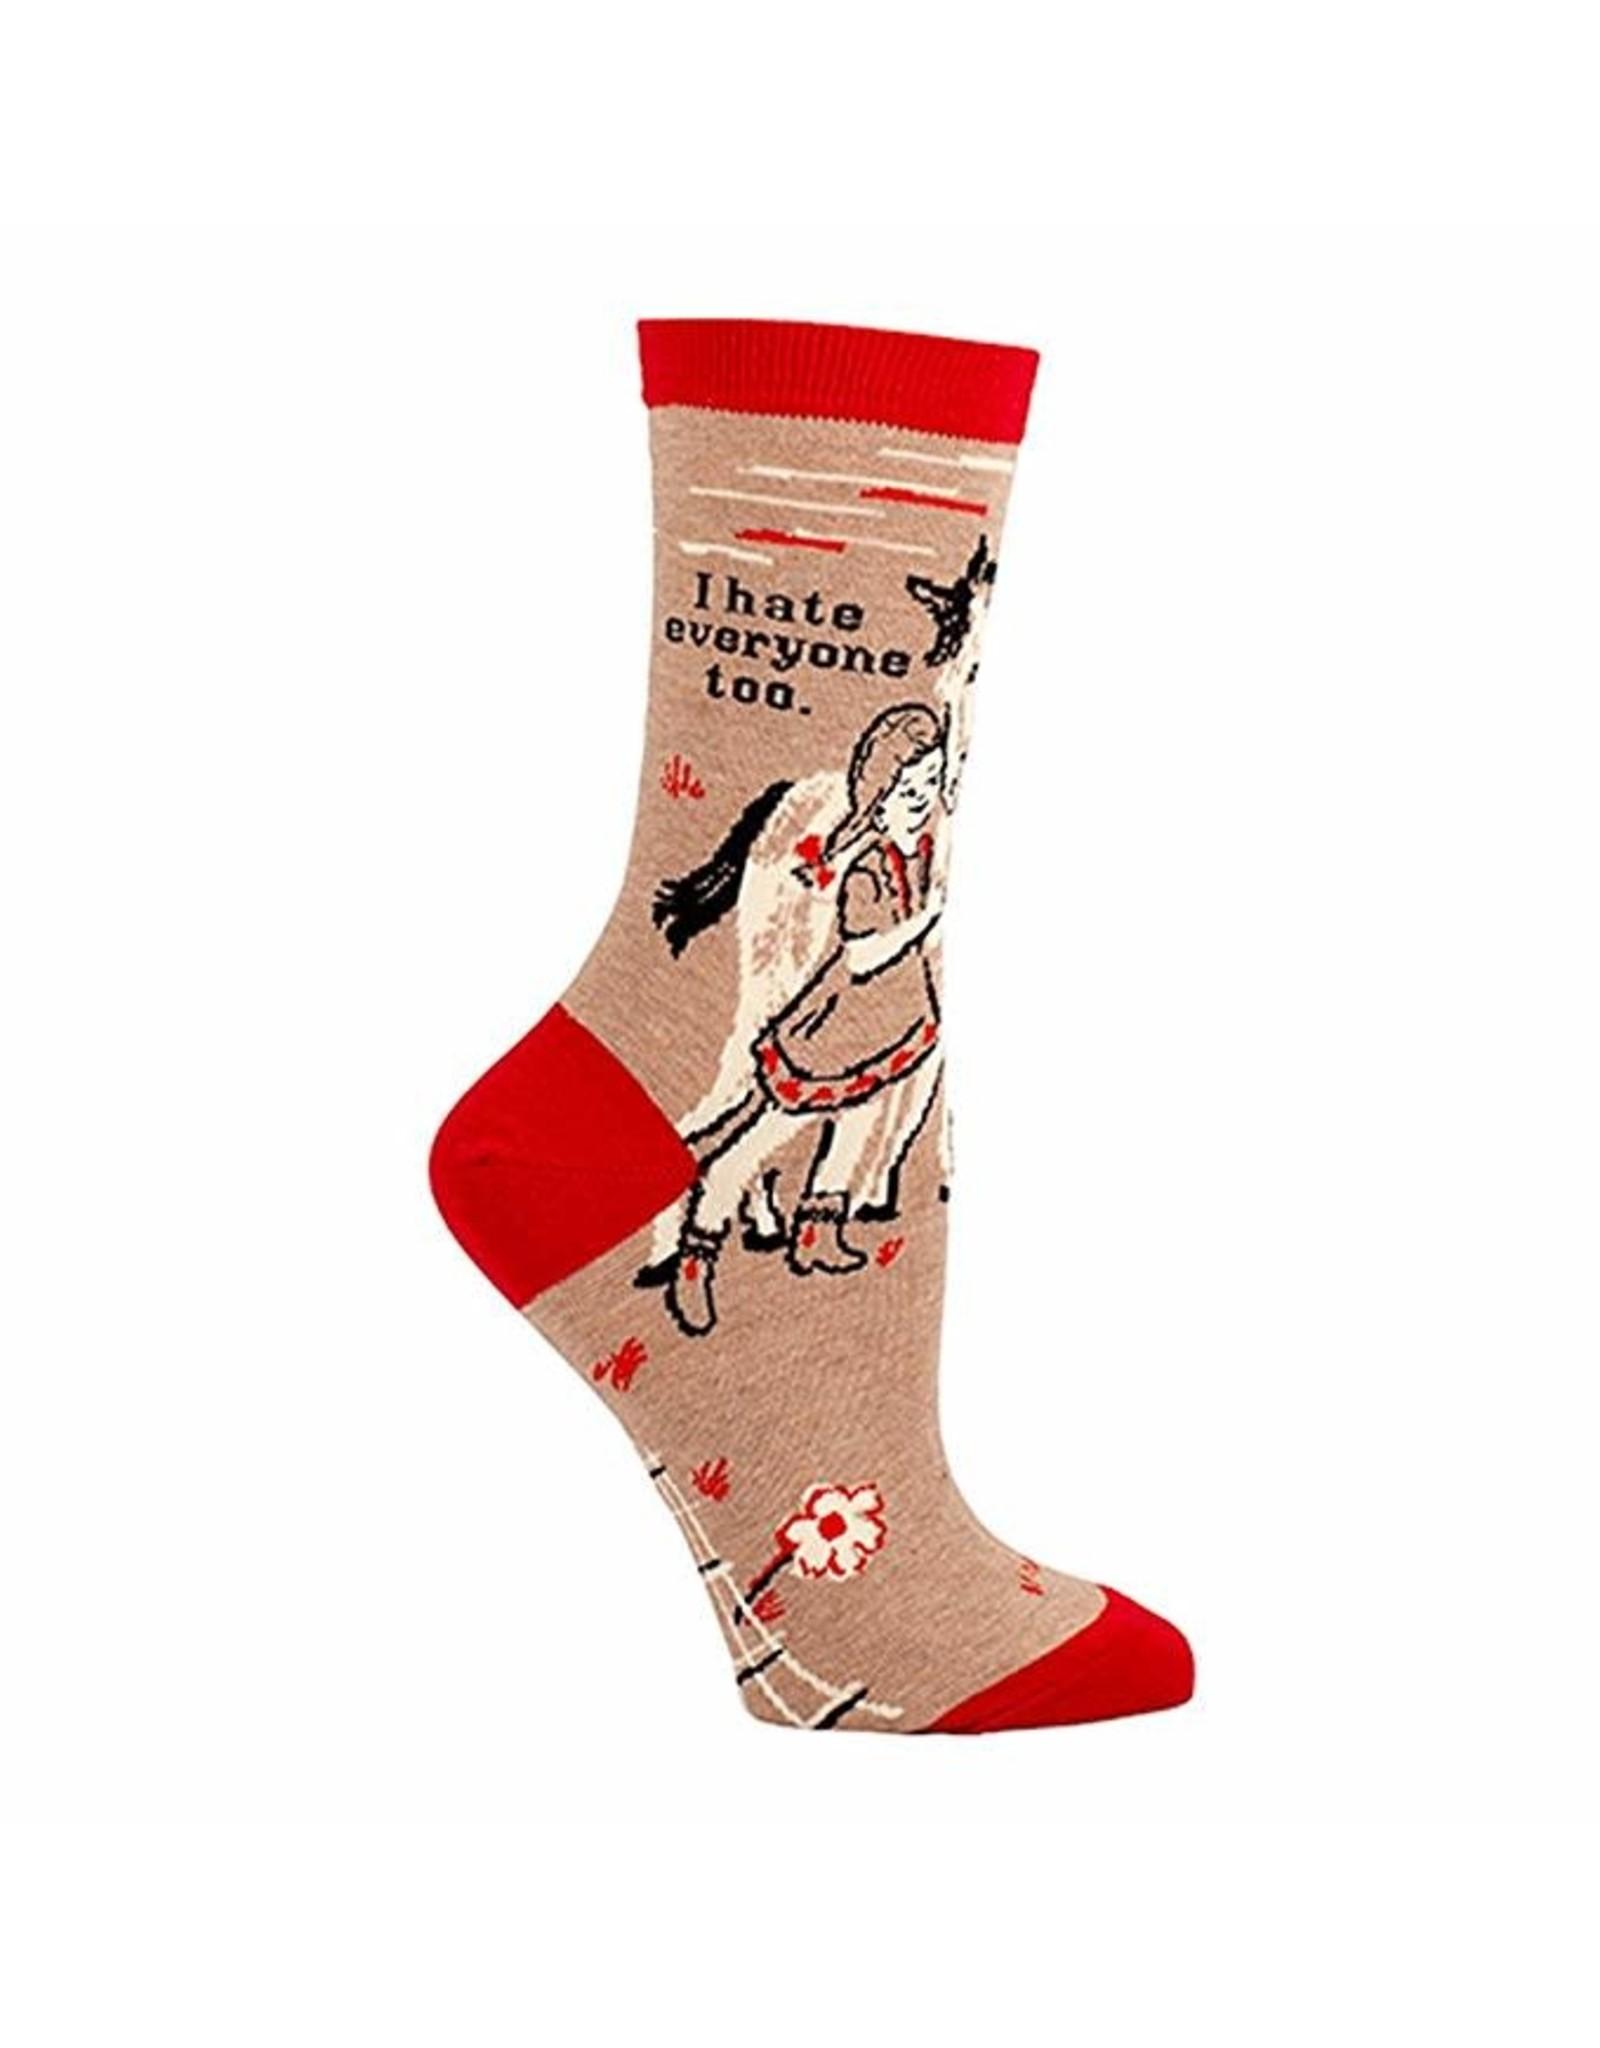 Socks (Womens) - I Hate Everyone Too